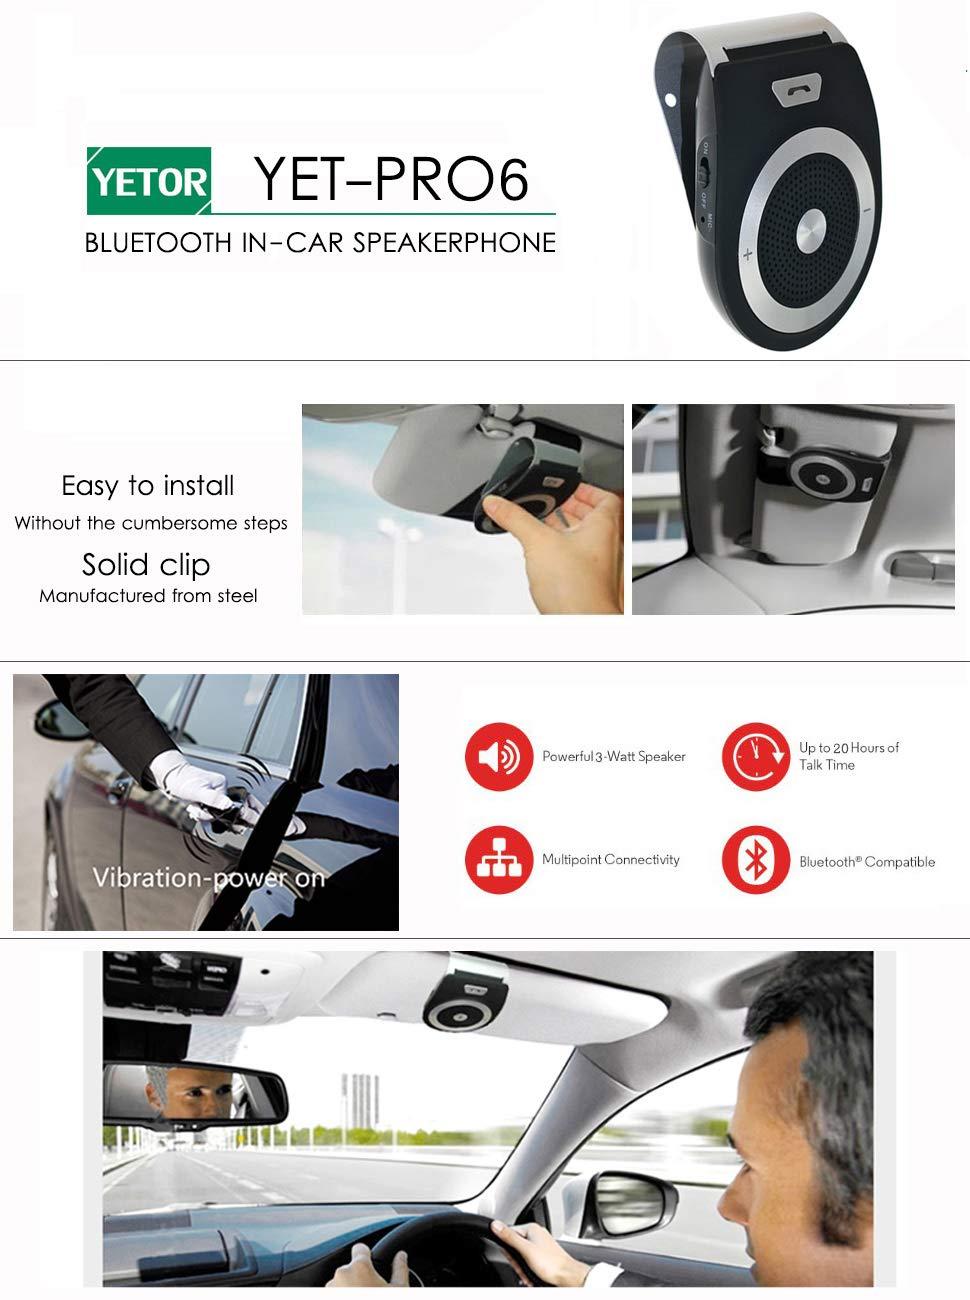 /Port/átil LG /Tel/éfono Manos Libres/ Samsung Compatible con iPhone A2DP inal/ámbrica Bluetooth 4.1/Auto/ HTC m/óv /Tel/éfono Manos Libres para el Parasol Auto/ iPad